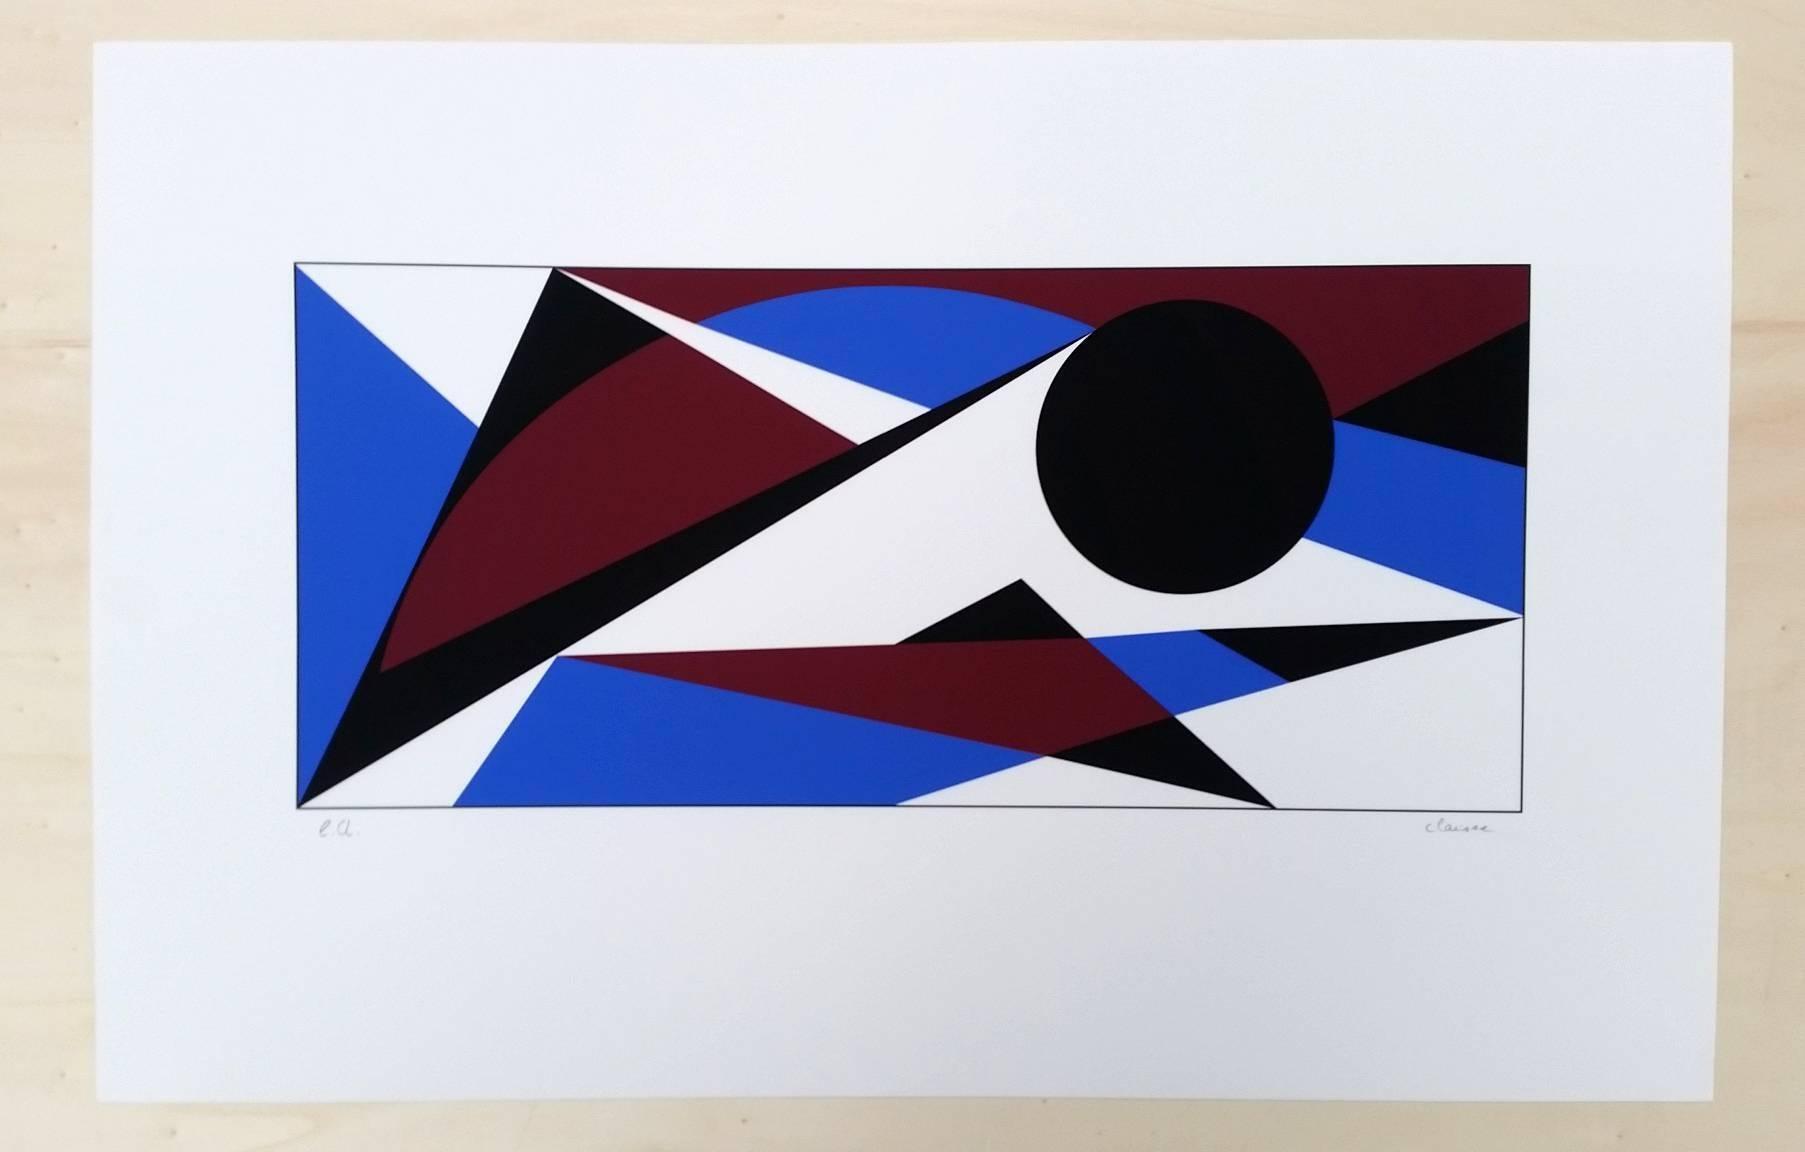 21 - Composition Géométrique